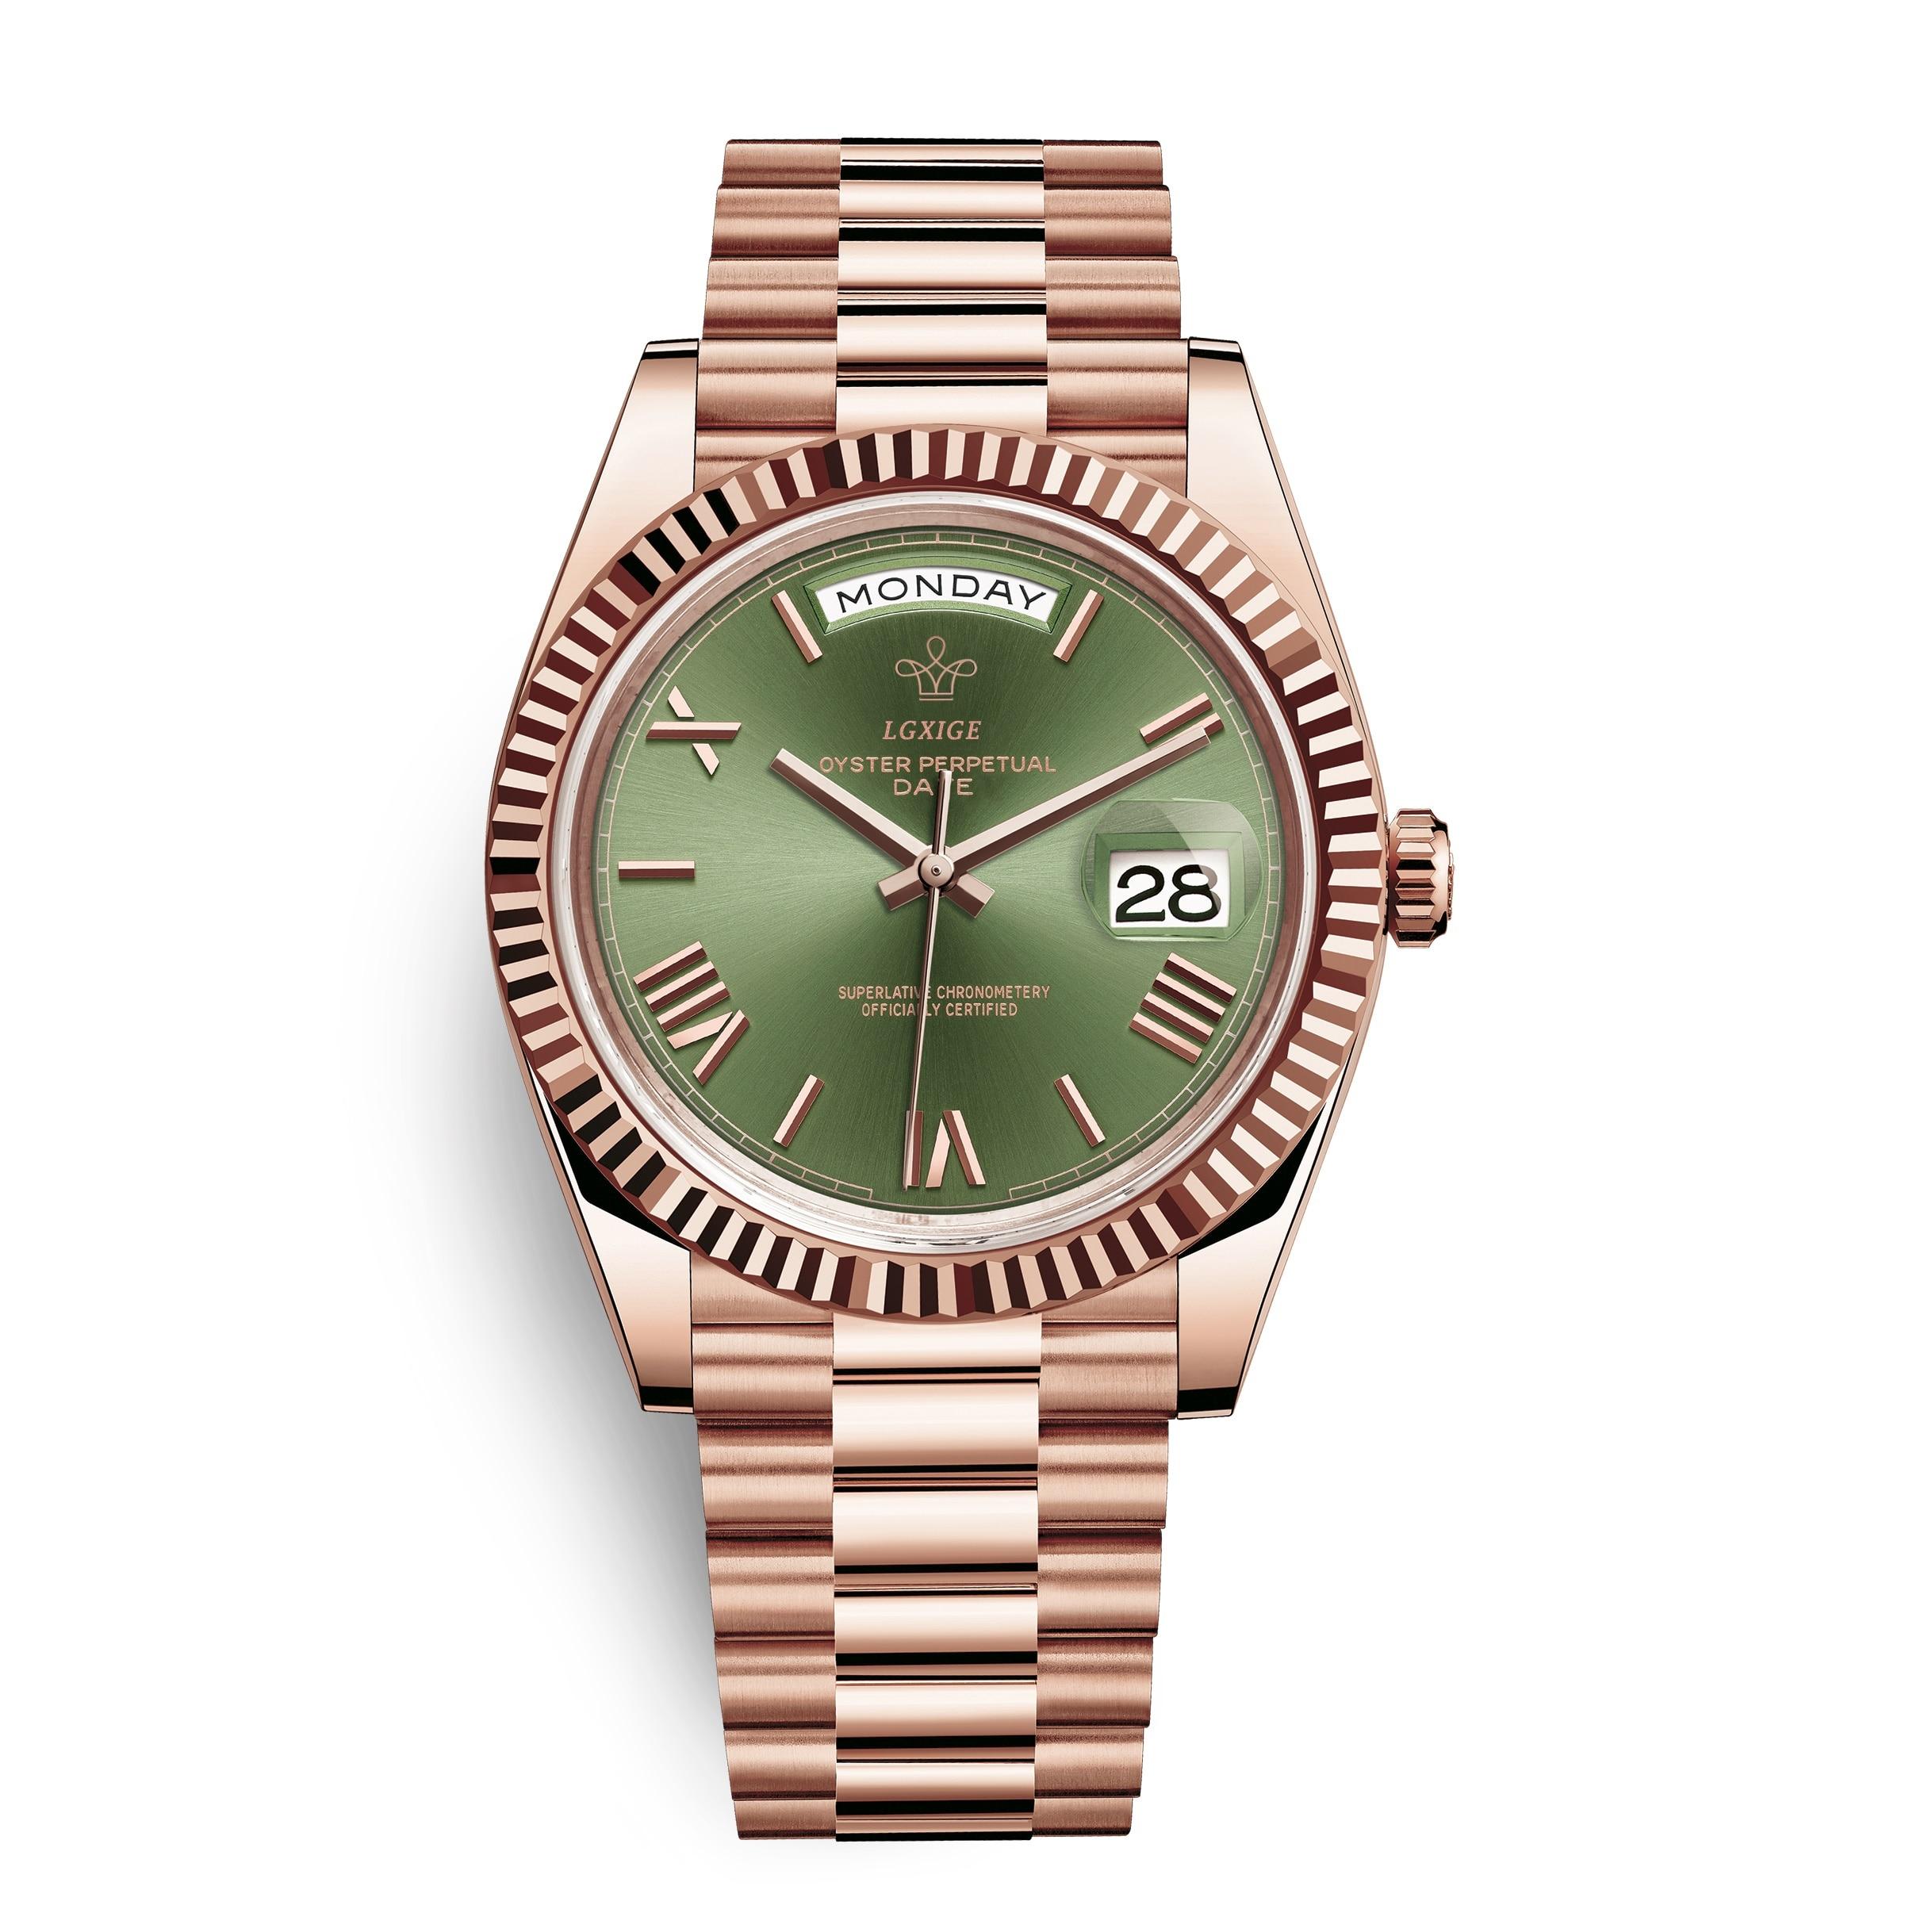 LGXIGE Original Marca Assista Men Top Luxo daydate 3atm Impermeável Homens de Negócios de Aço Inoxidável Relógio de Pulso Relógios LM021A